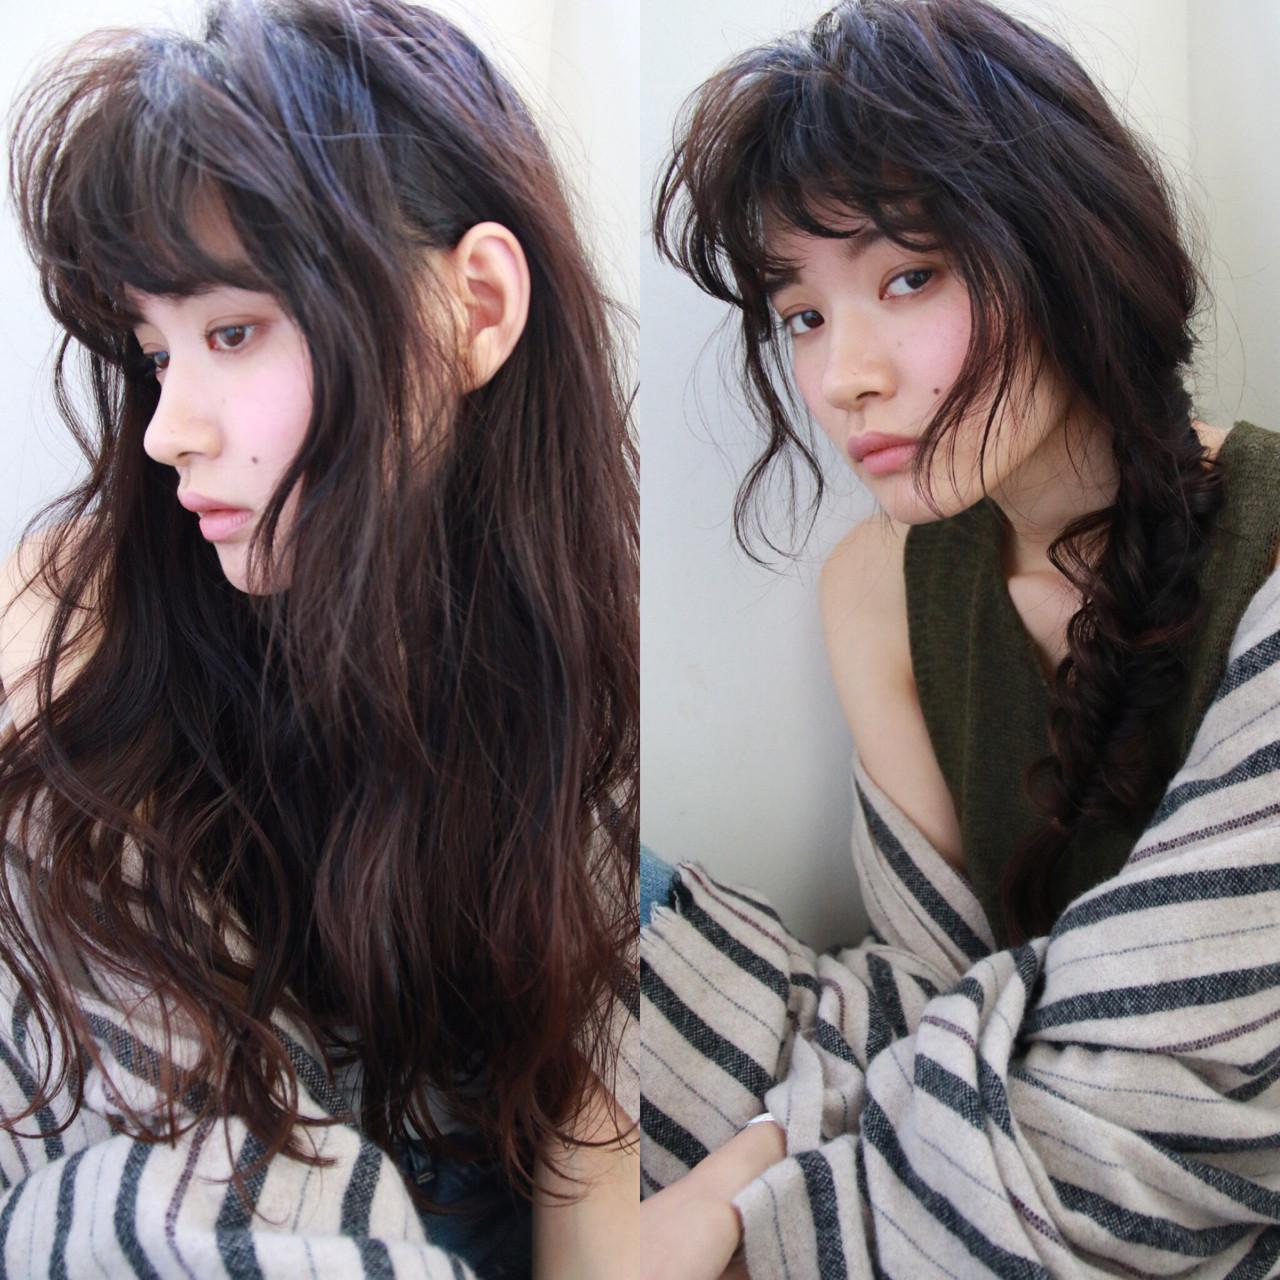 暗髪 ロング パーマ 外国人風 ヘアスタイルや髪型の写真・画像 | 津崎 伸二 / nanuk / nanuk渋谷店(ナヌーク)